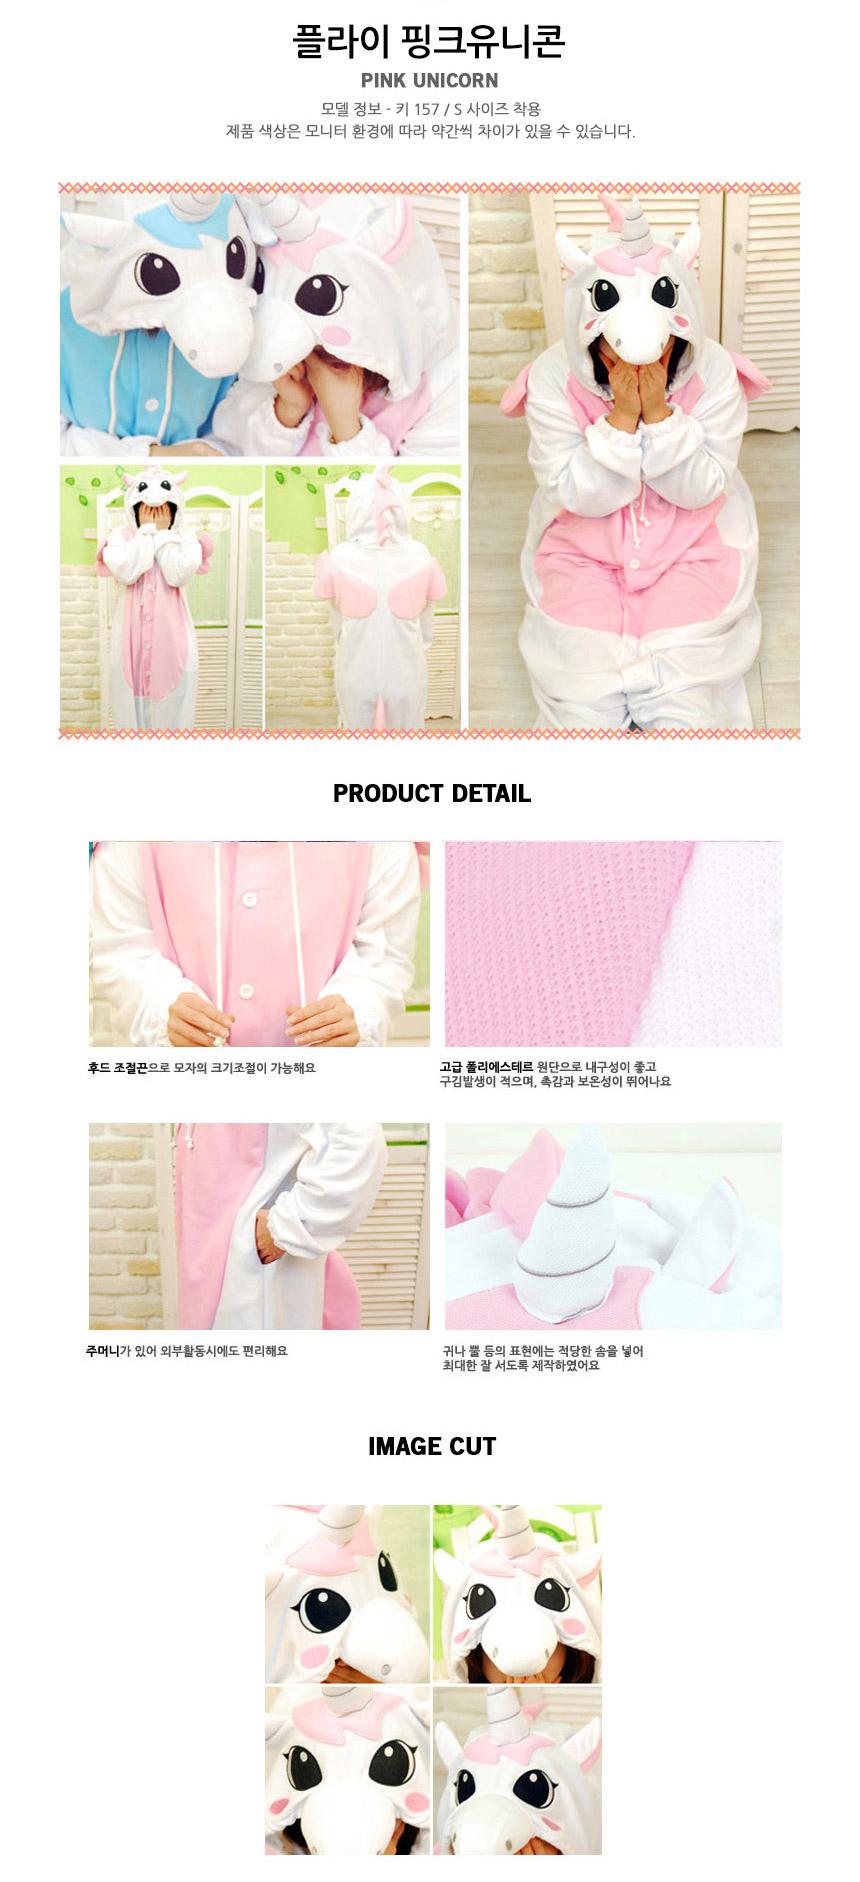 사계절 동물잠옷 유니콘 (핑크) - 스위트홀릭, 39,000원, 잠옷, 동물잠옷